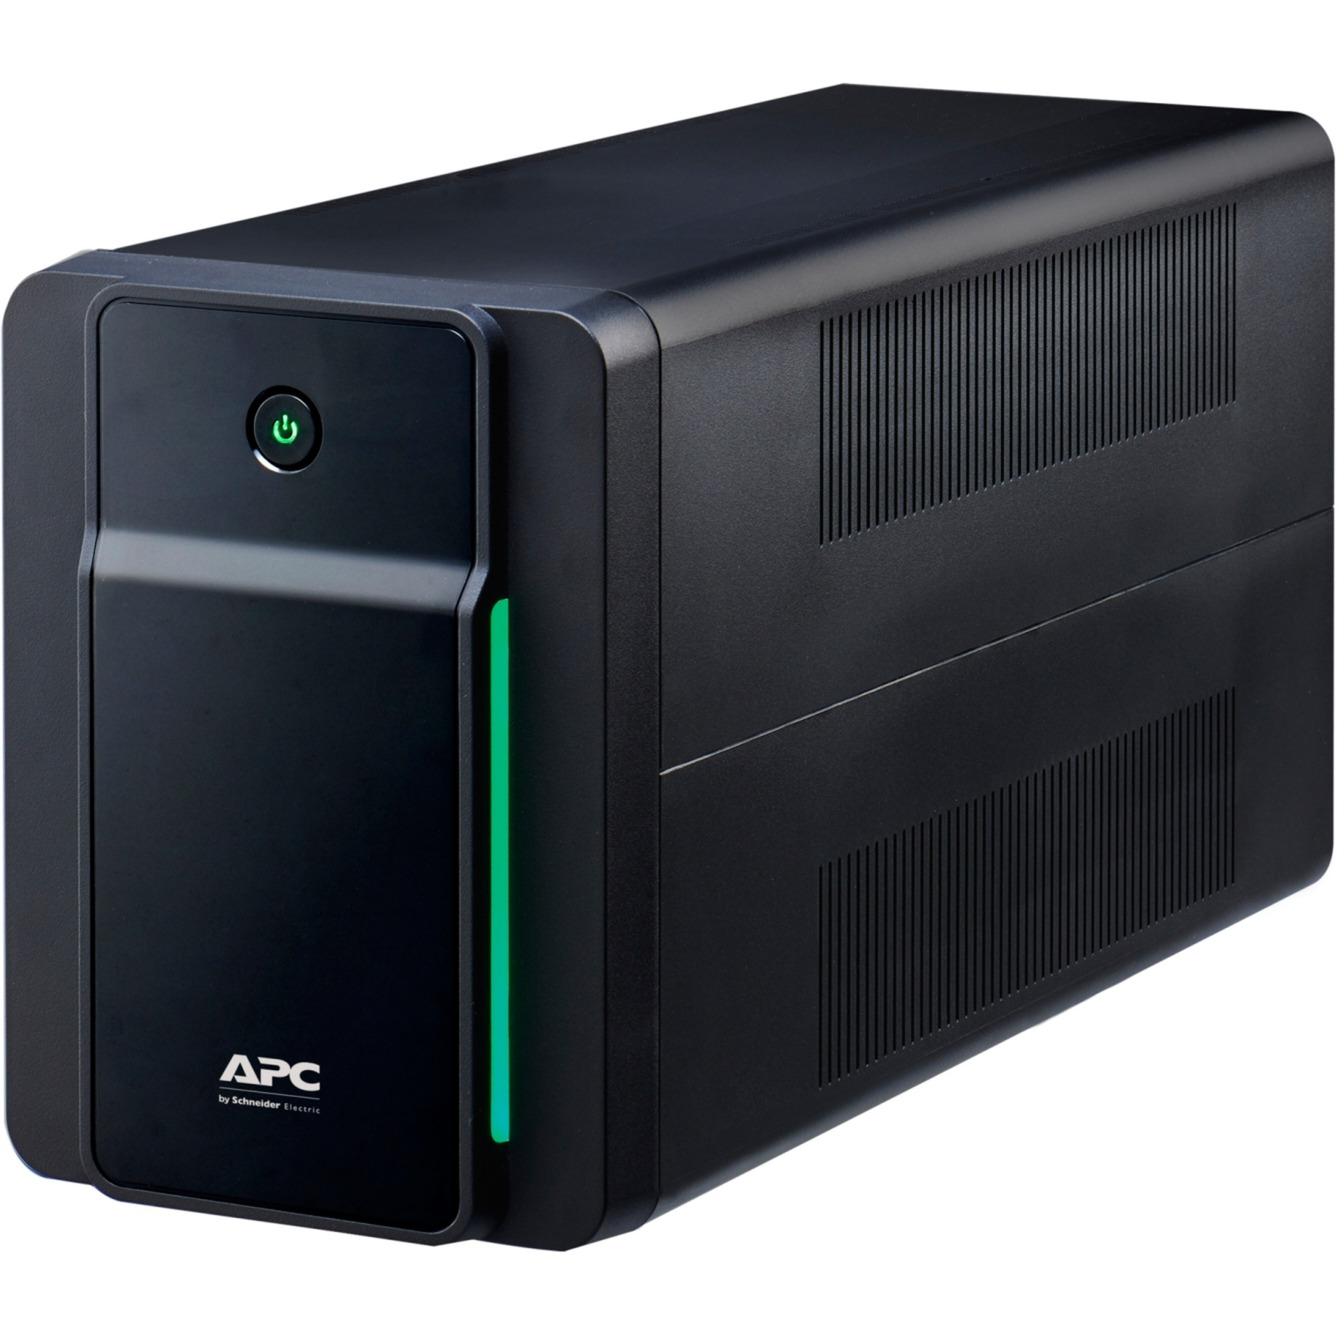 Image of Back-UPS 2200VA, 230V, AVR, Schutzkontakt Sockets, USV